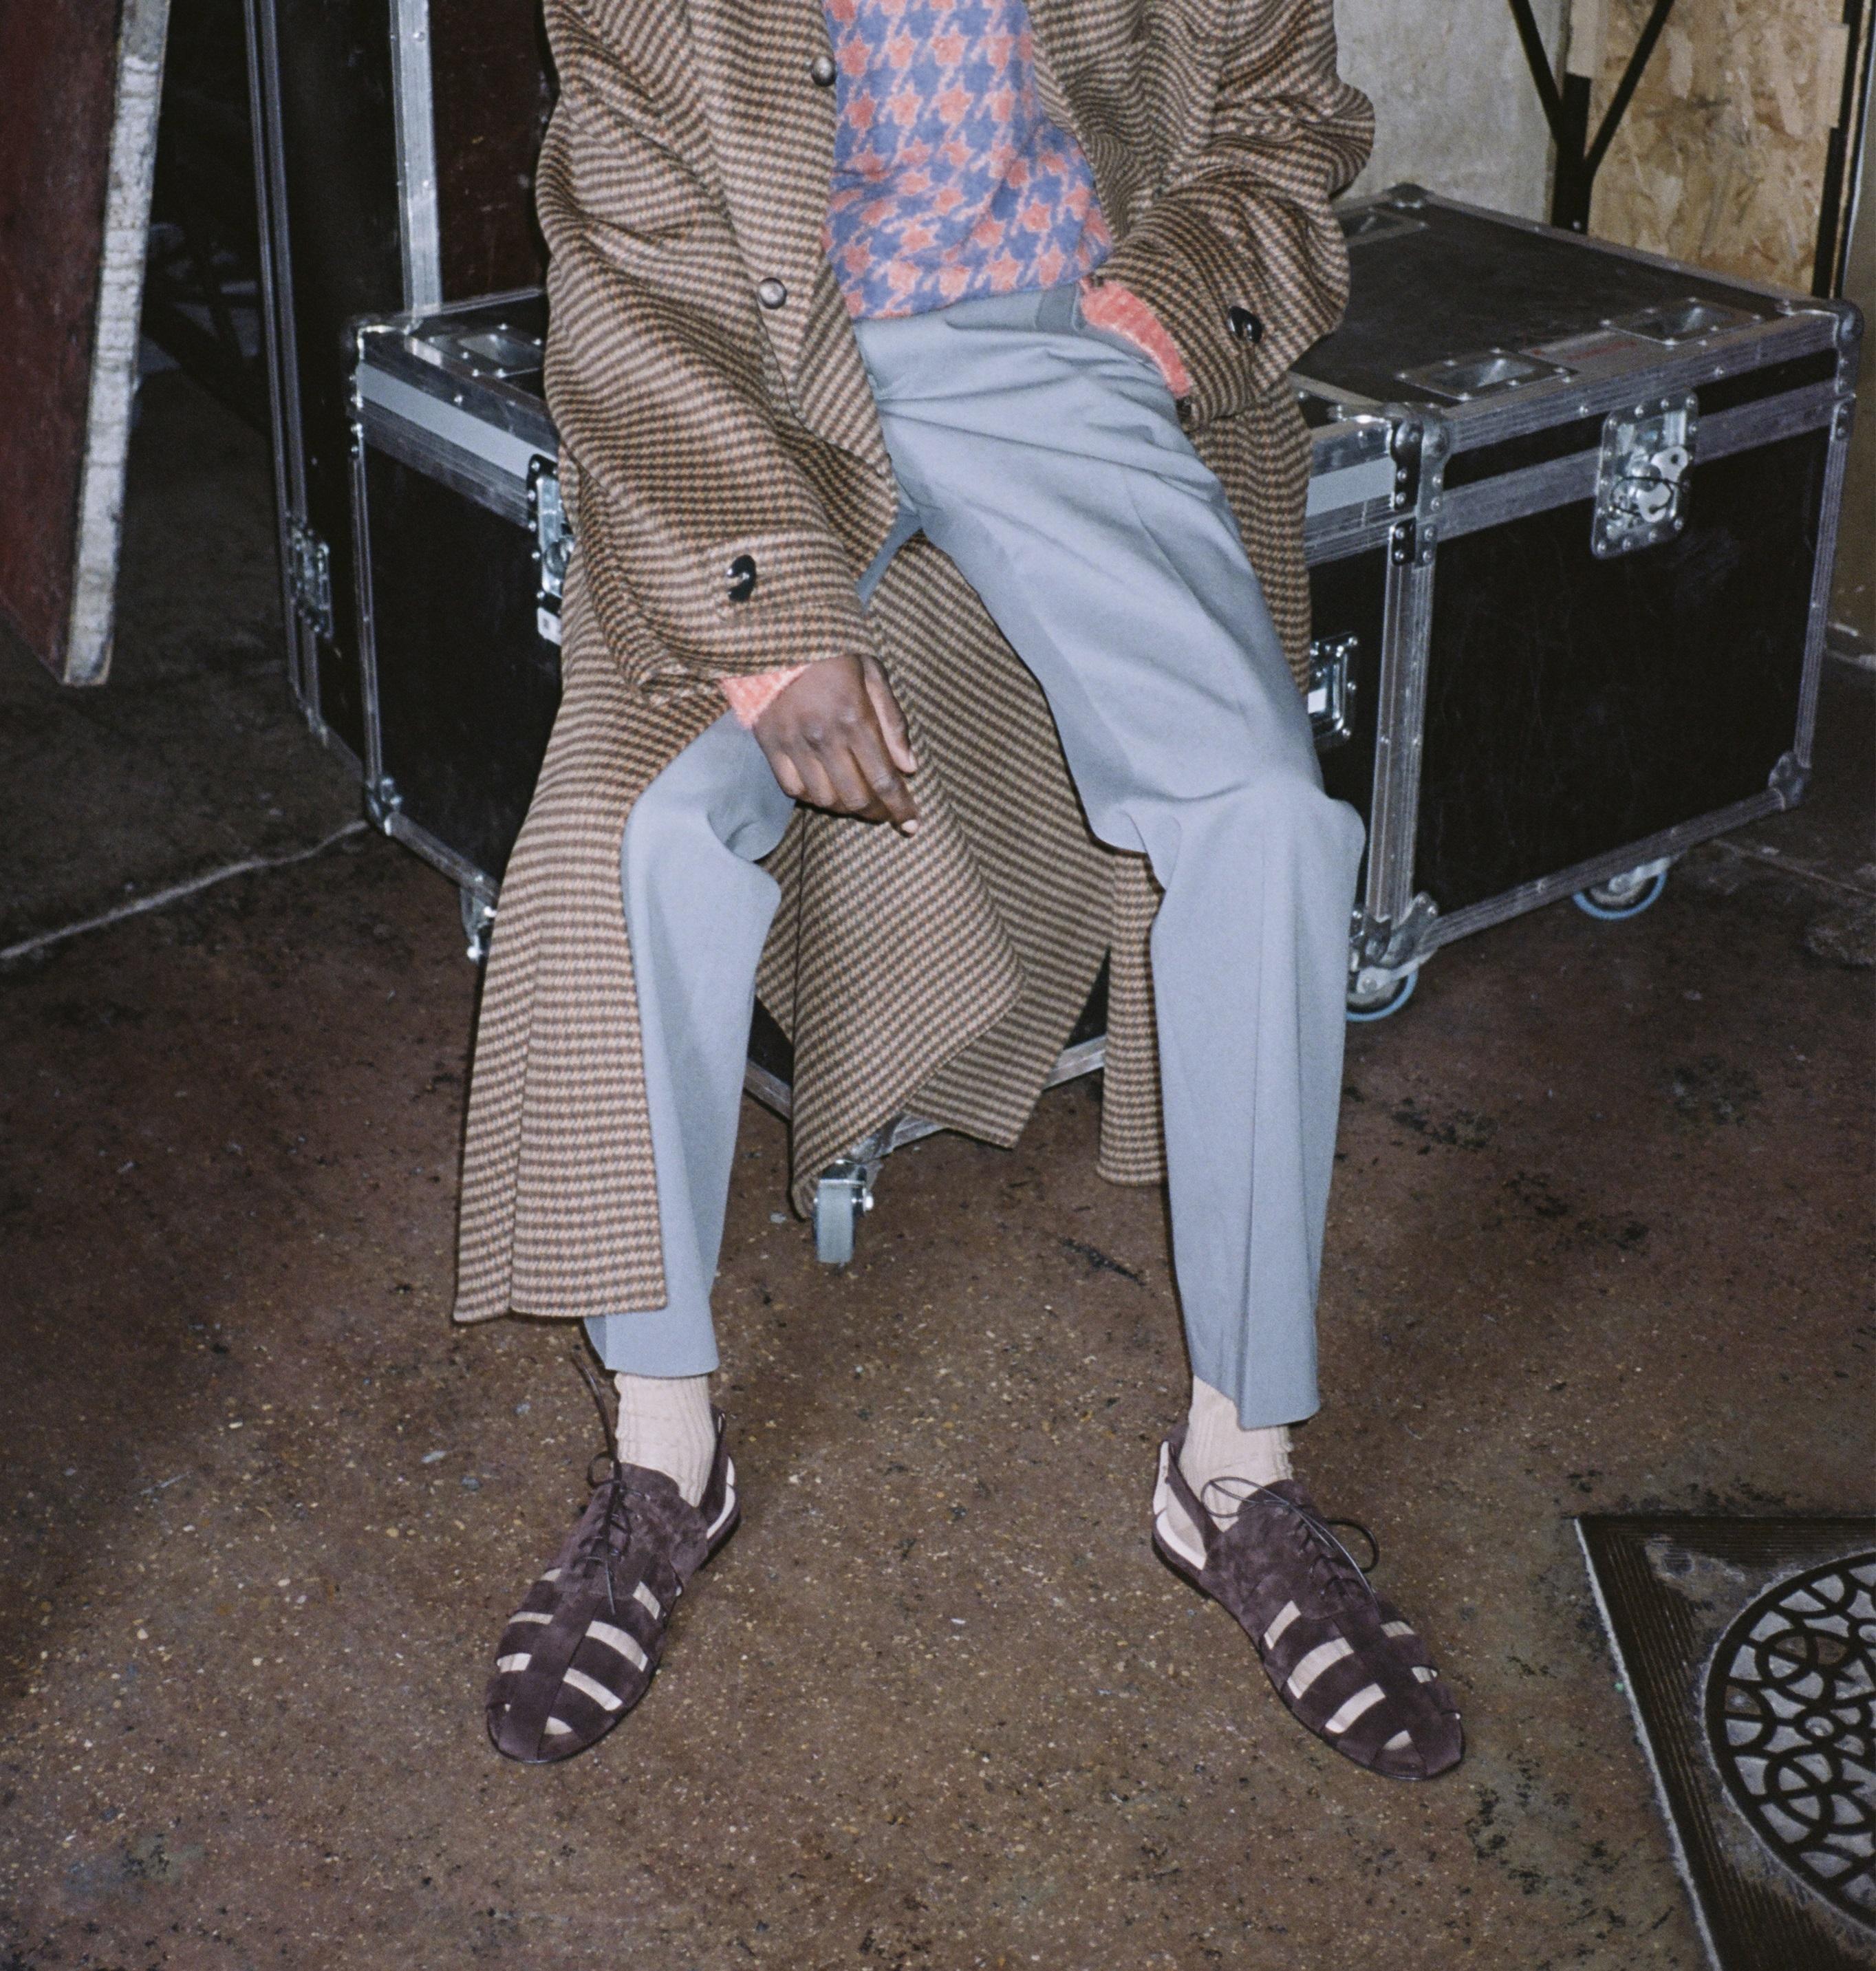 Frau sitzt auf Kiste, mit Cut-Out Schnürrschuhe und Oversized-Mantel